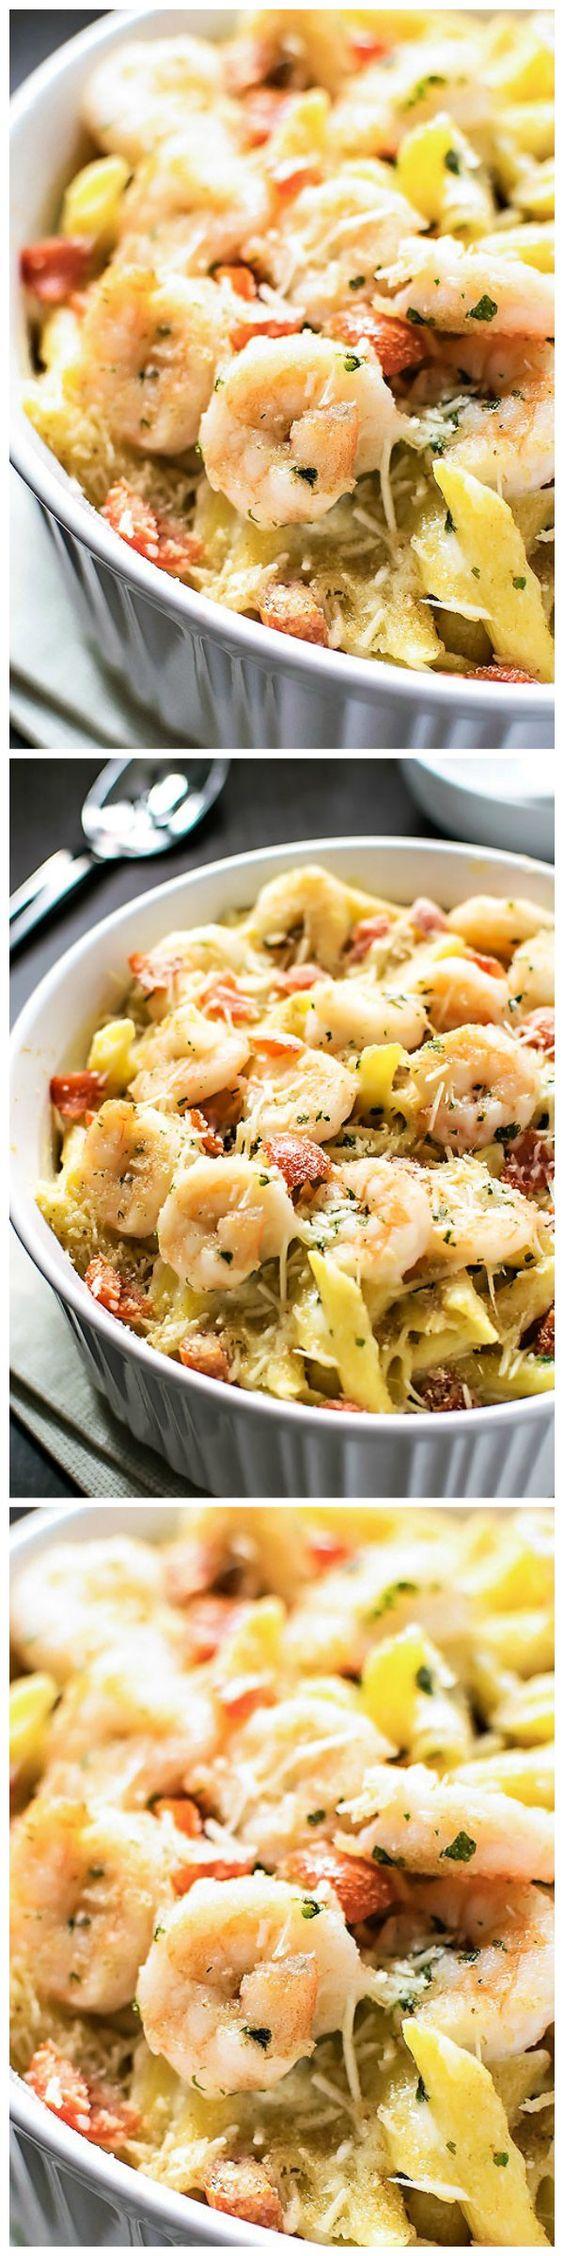 Baked Parmesan Shrimp Bring The Iconic Taste Of Olive Garden 39 S Baked Parmesan Shrimp To The